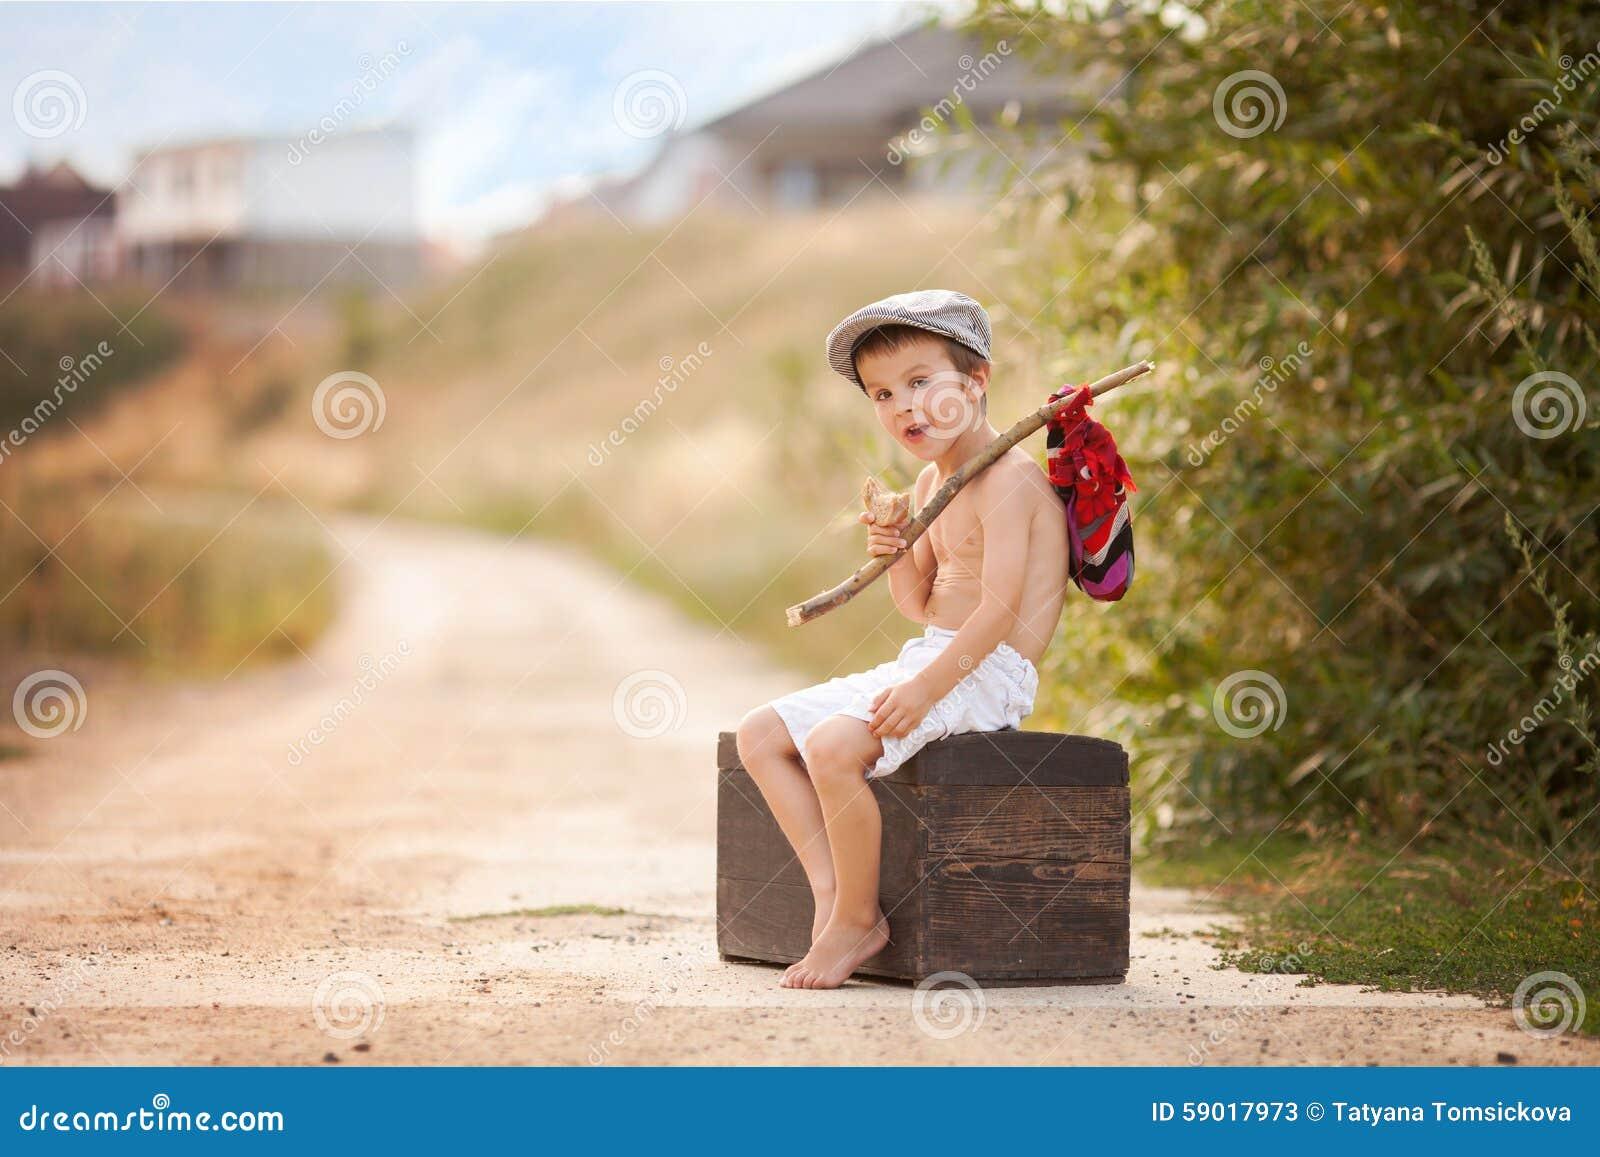 Ni o peque o lindo sent ndose en una maleta vieja grande - Foto nino pequeno ...